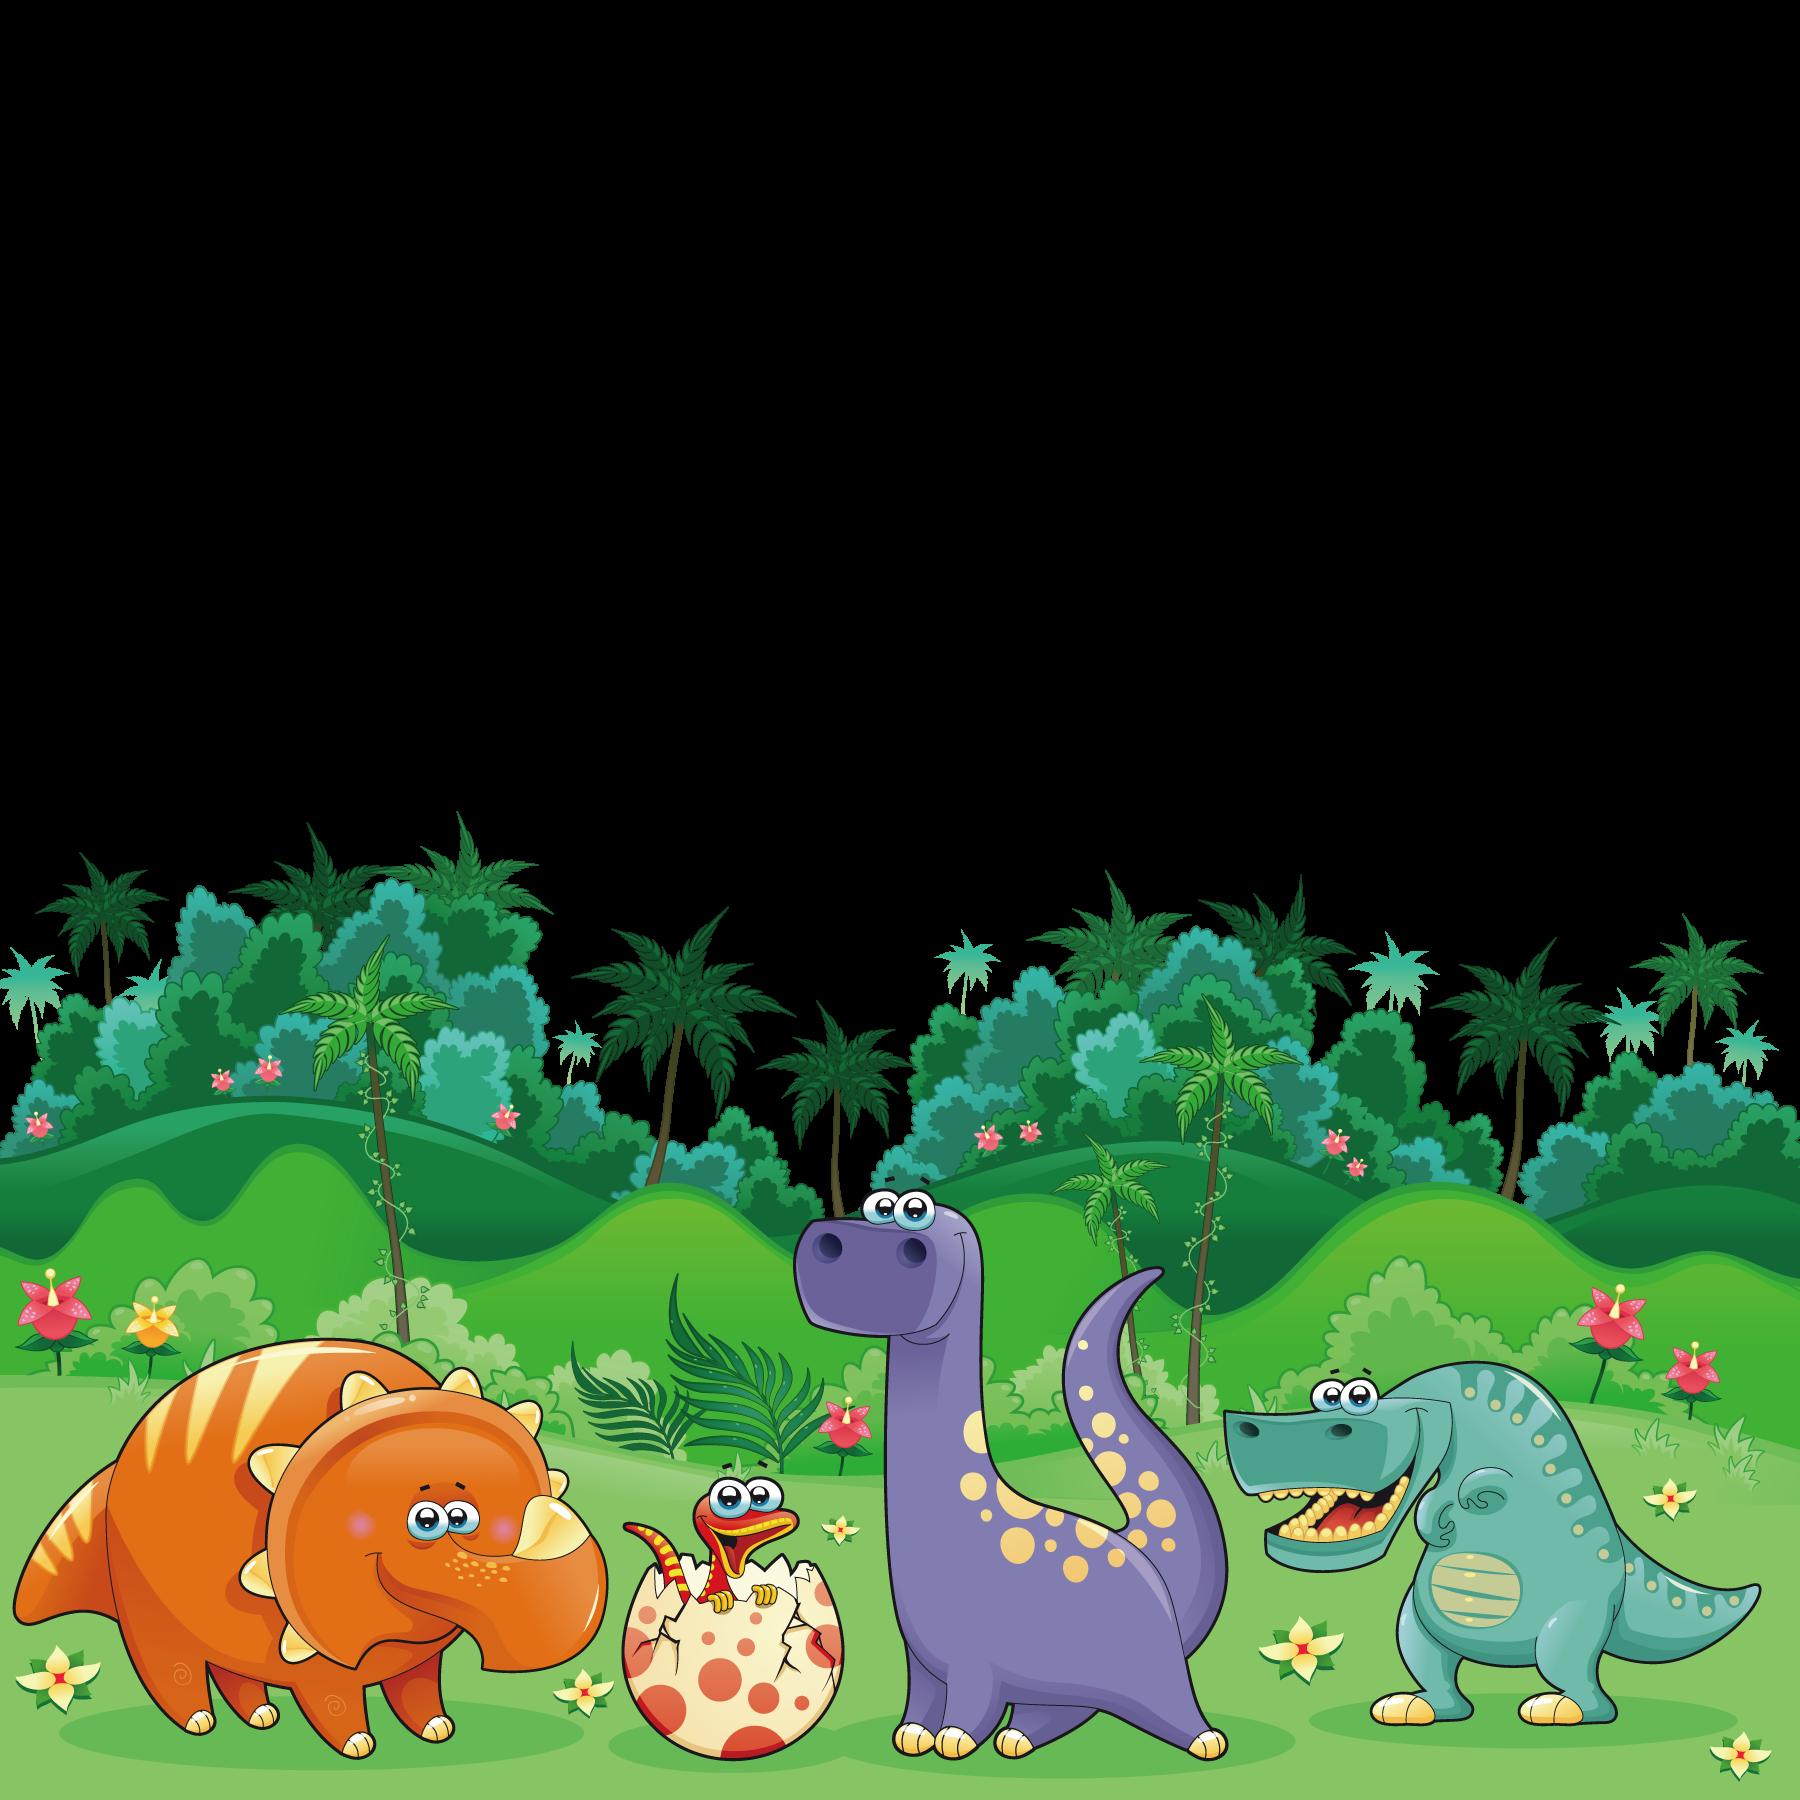 Triceratops cartoon illustration dinosaurs. Planting clipart dinosaur